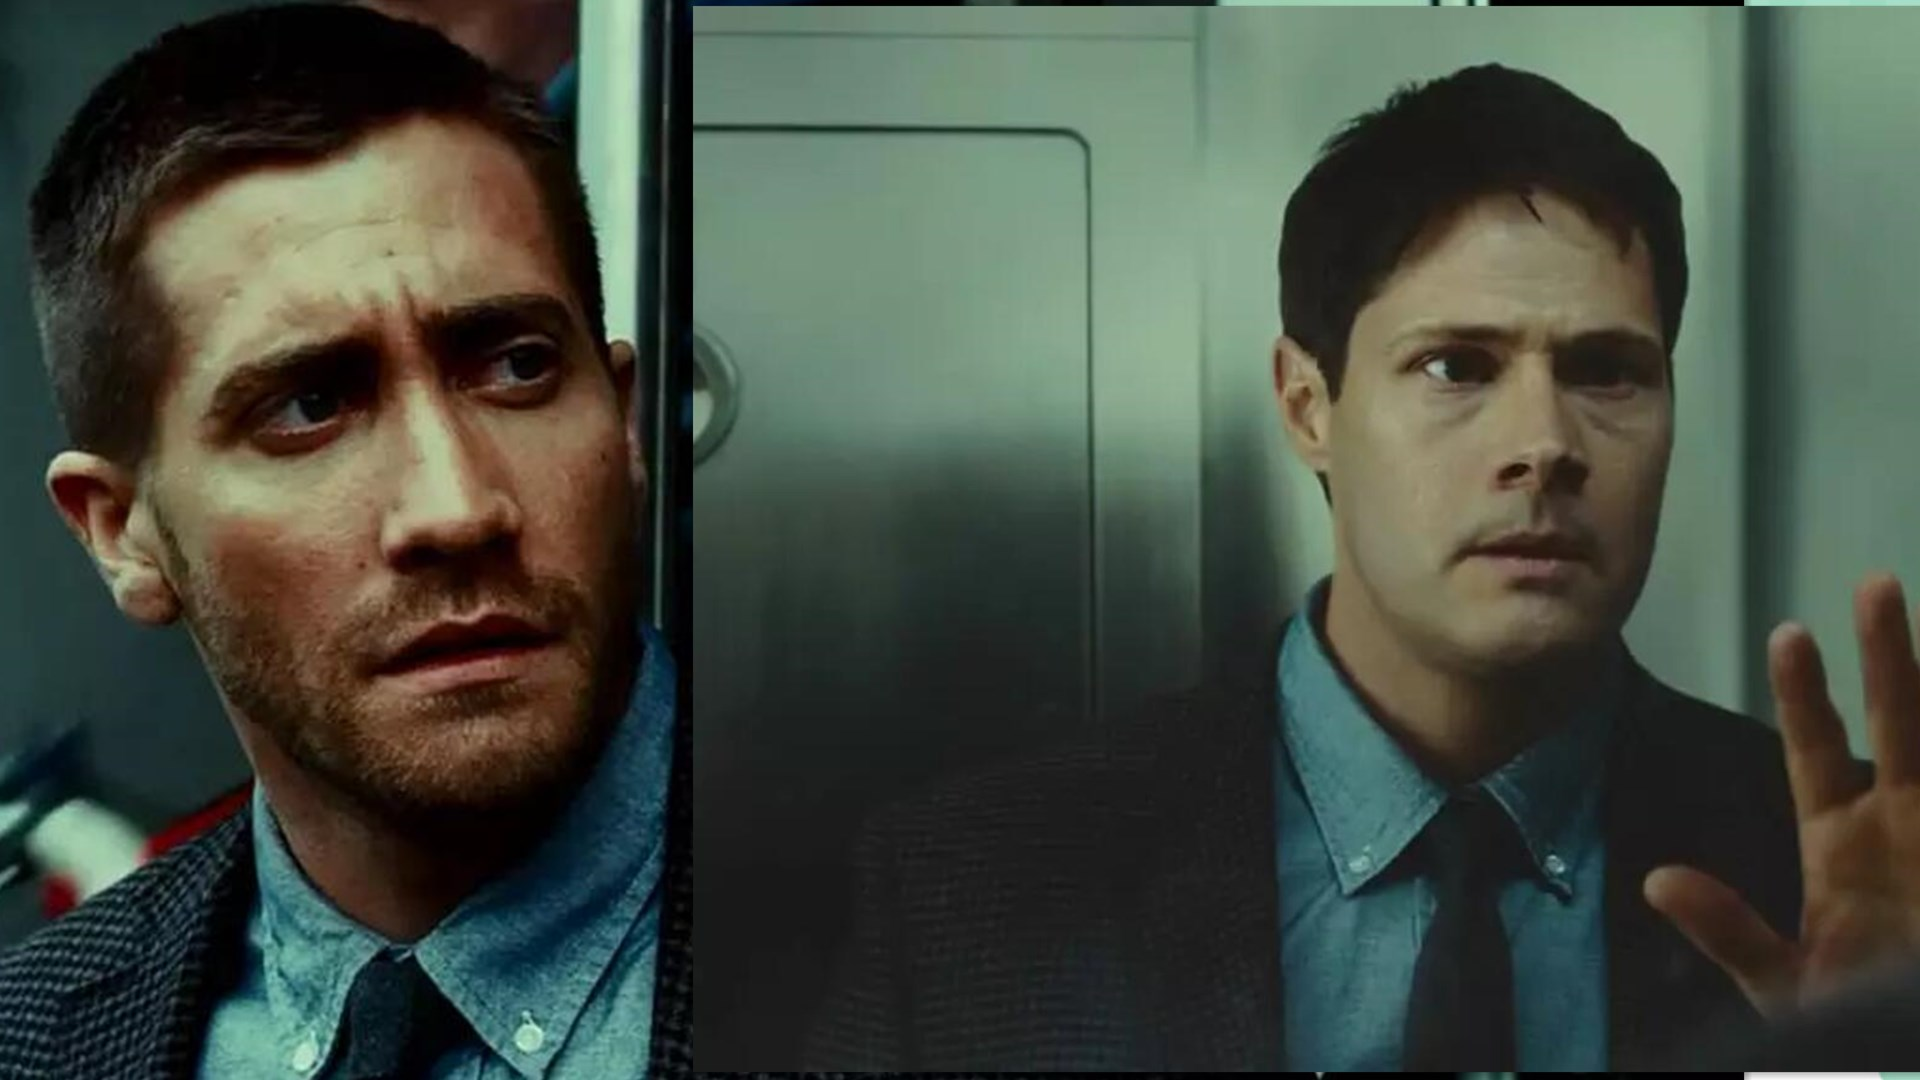 #经典看电影#科幻悬疑电影:男主复活在列车上,惊恐的发现自己的长相变了样